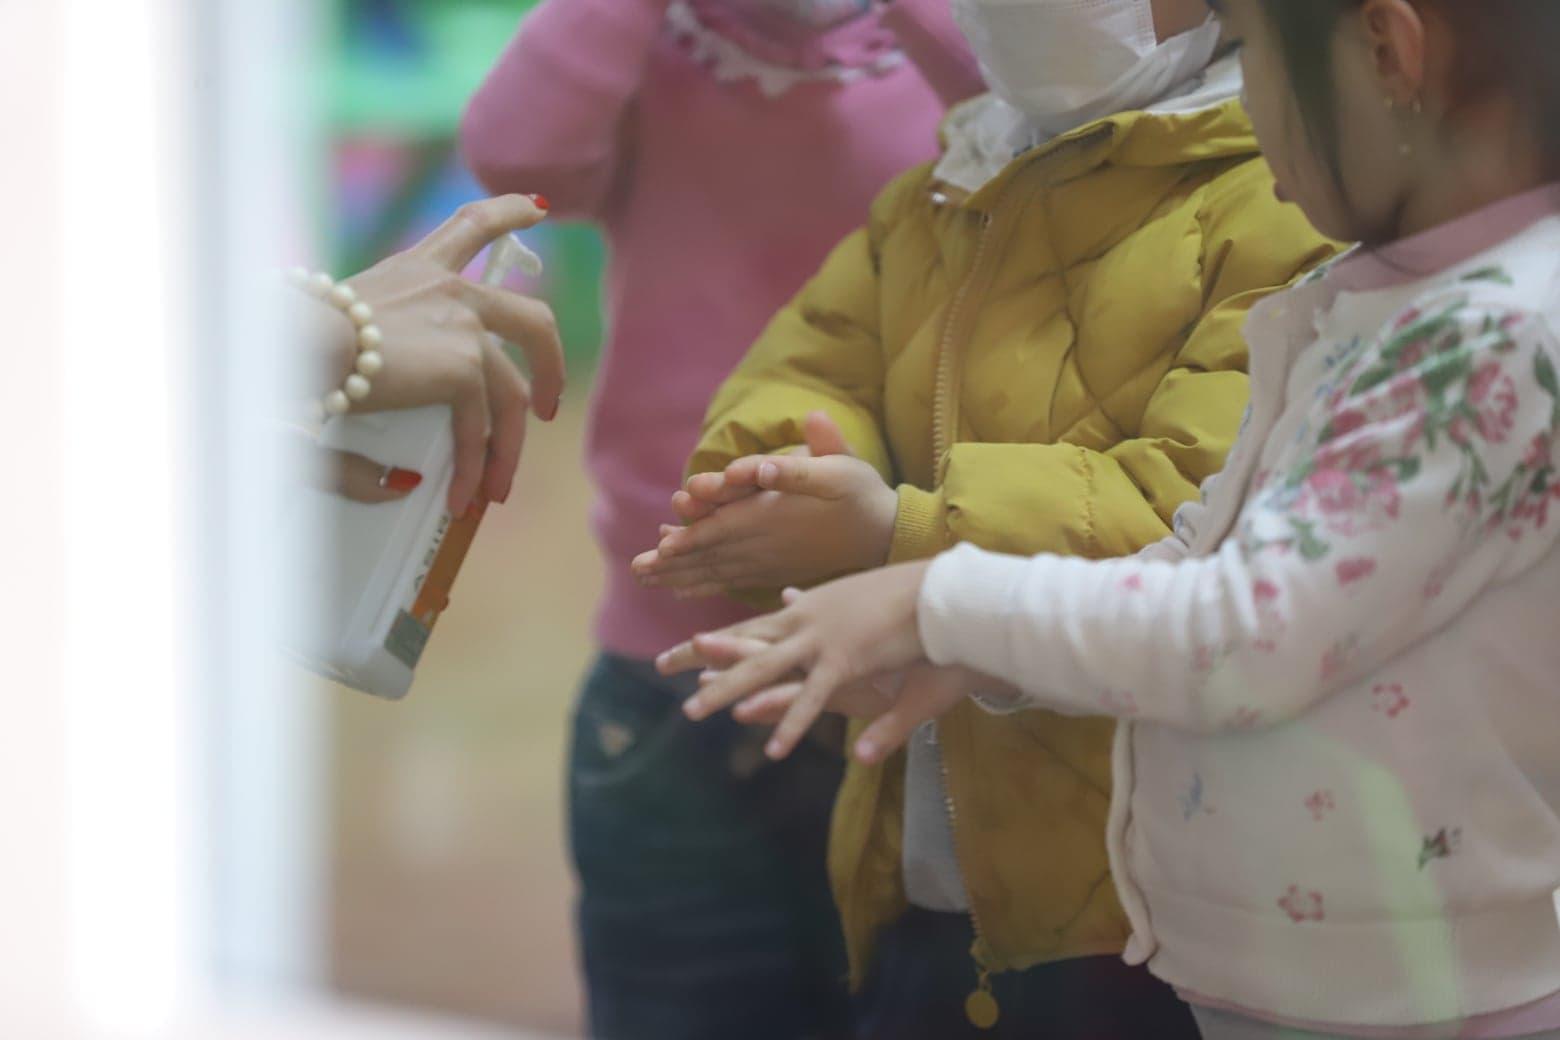 Các em nhỏ được rửa tay tại lớp với sự hướng dẫn của các cô giáo